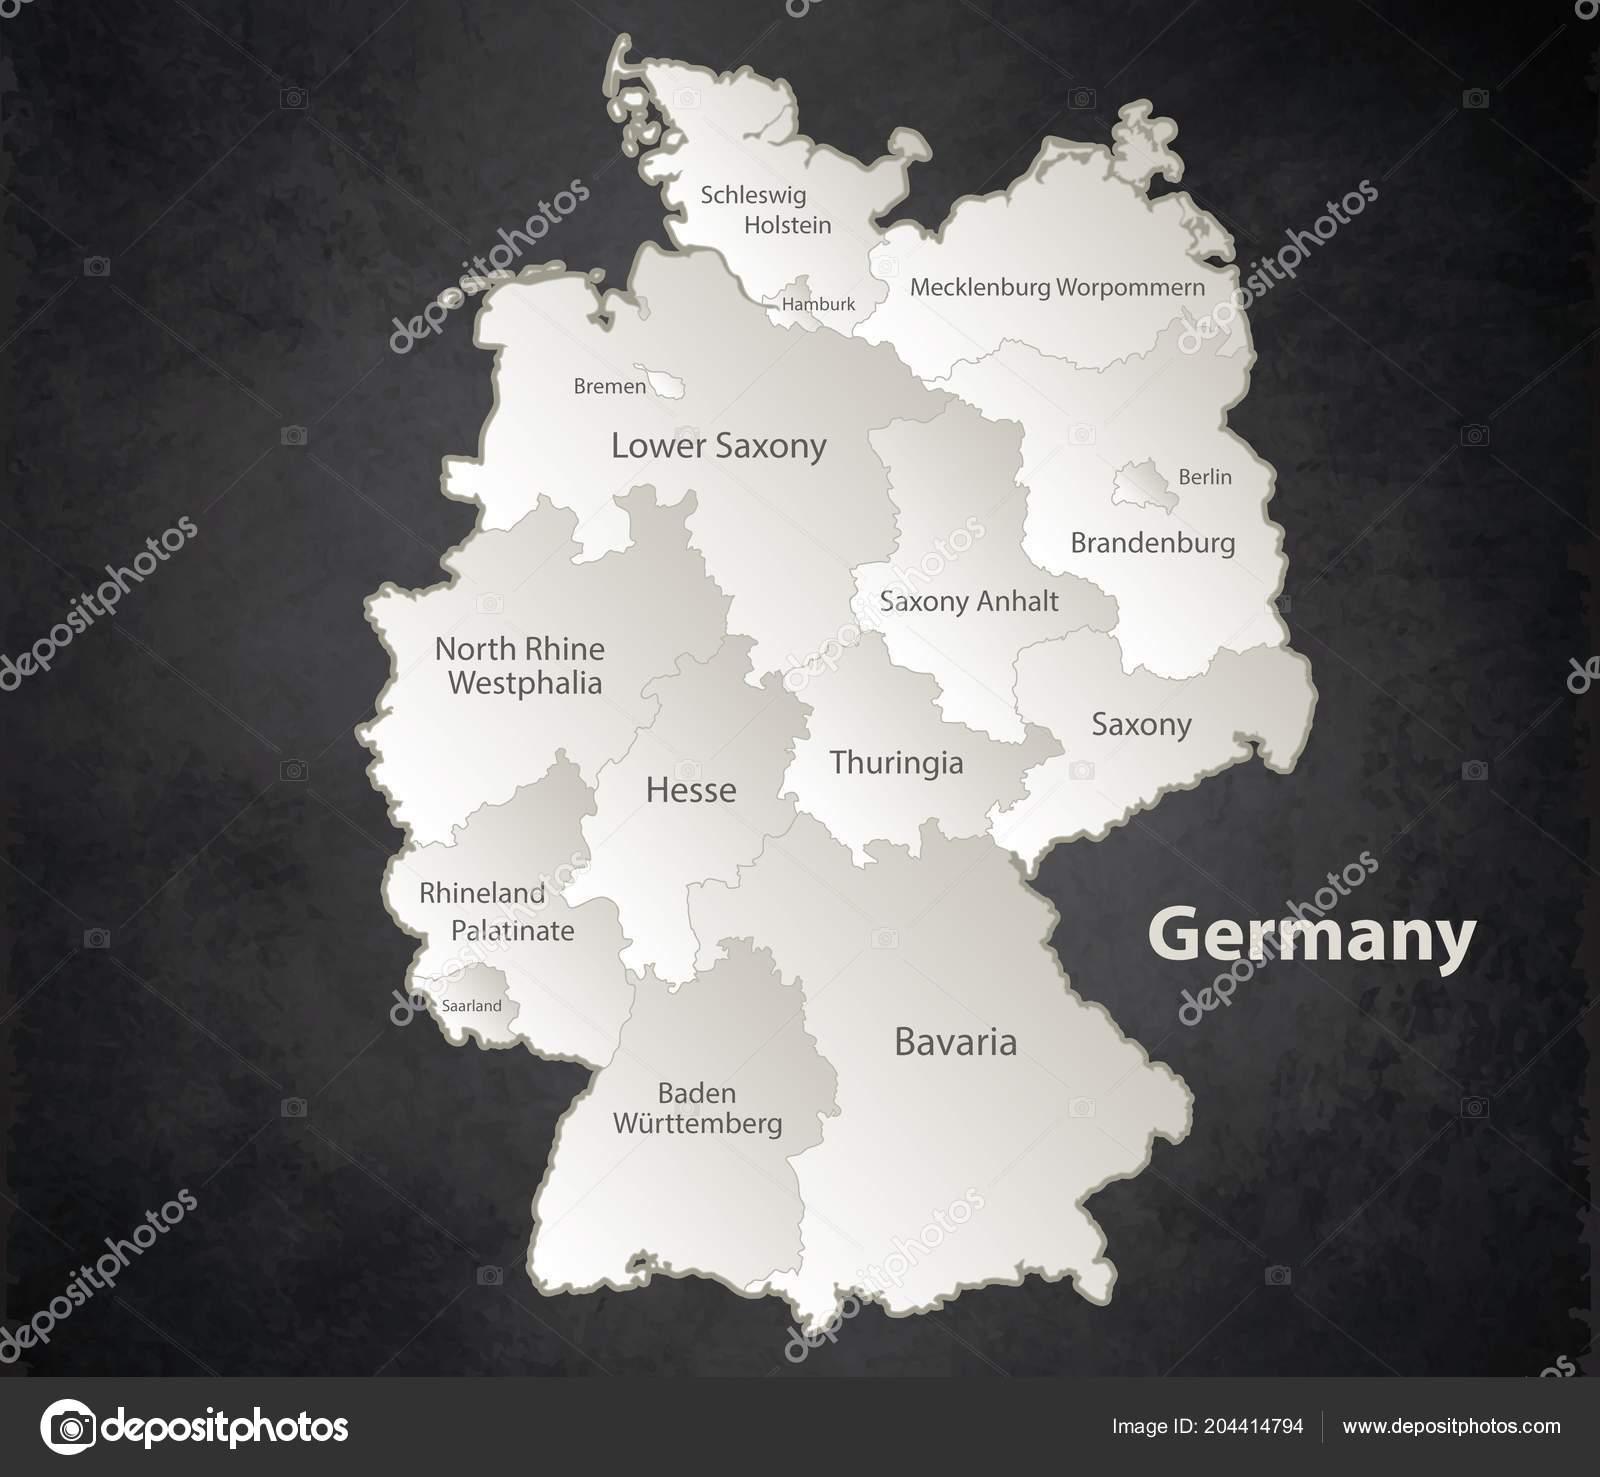 5f316cb7502f54 Deutschland Karte Schwarz Weiß Separate Region Individuelle Namen  Blackboard Vektor– Stockillustration